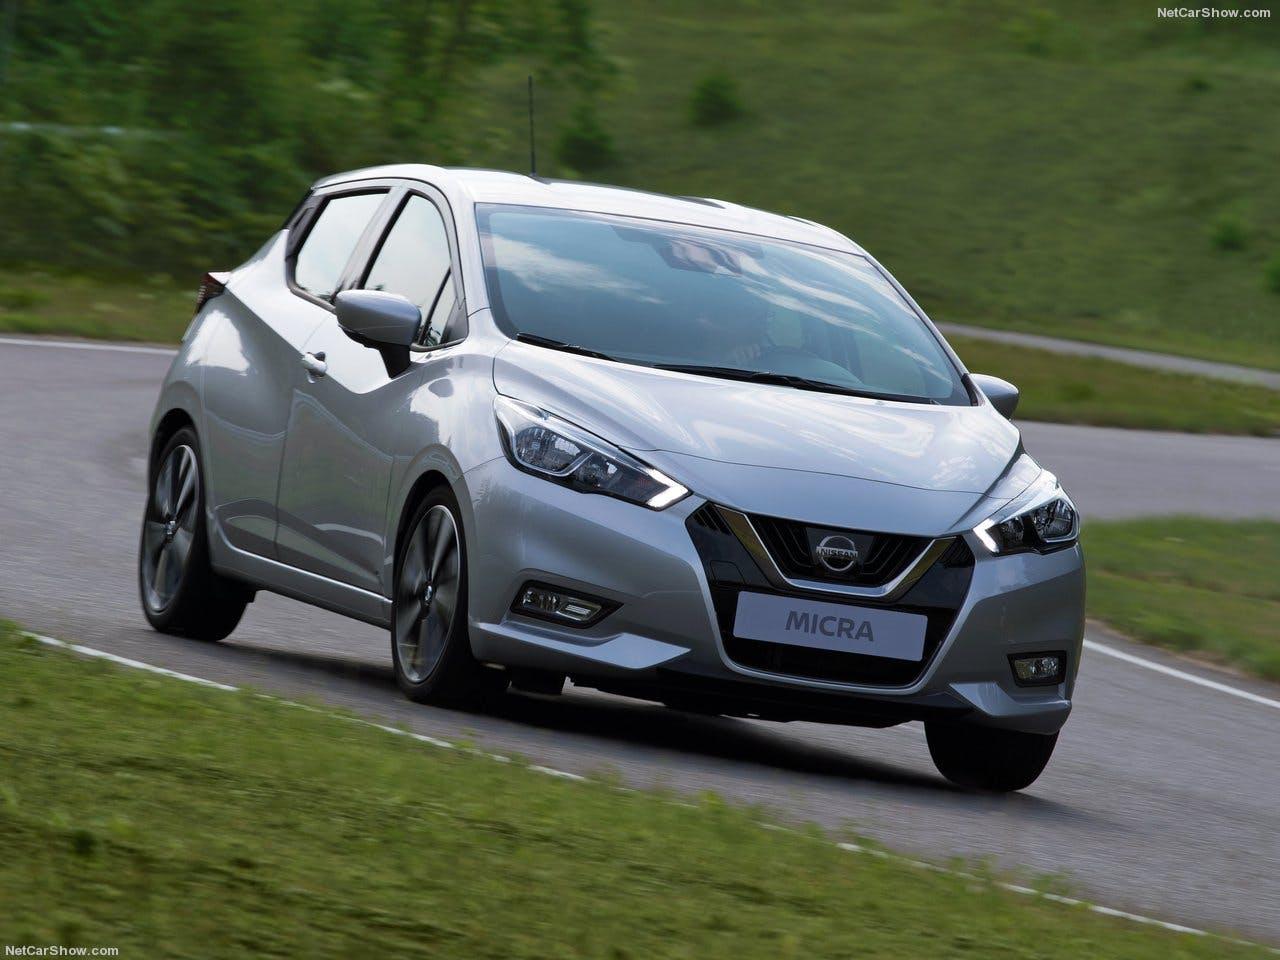 De nieuwe Nissan Micra werd deze week onthuld op de autobeurs van Parijs